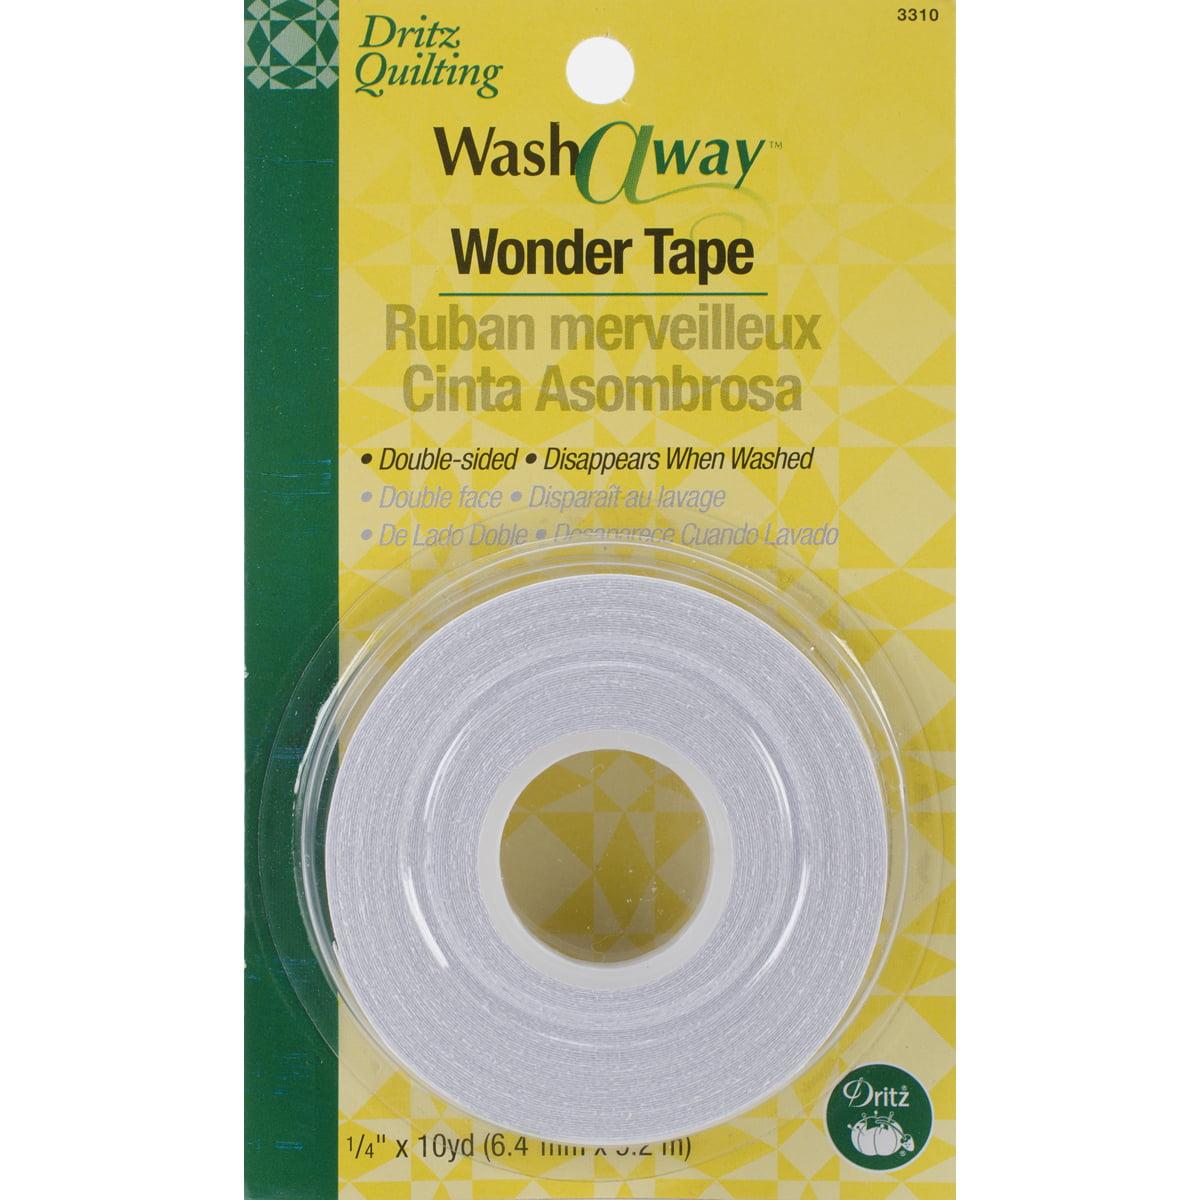 1//4-Inch by 10-Yards Dritz WashAway Wonder Tape.25-inch x 10yd.25 x10yd